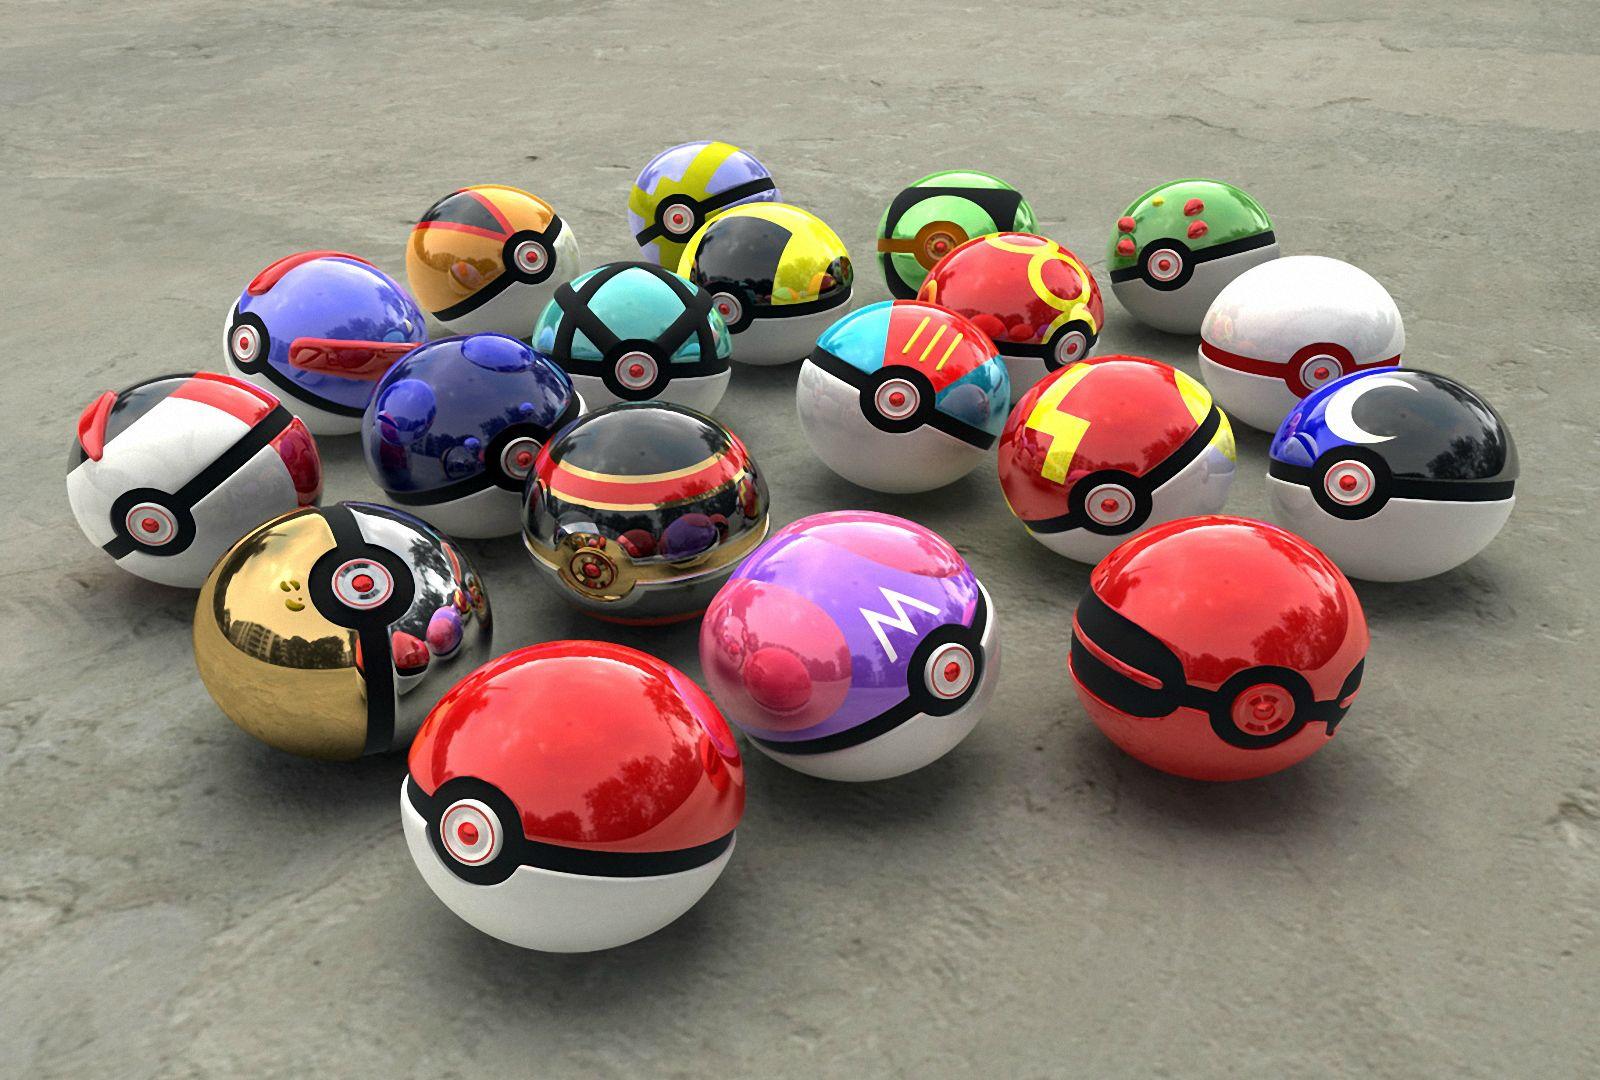 Pokémon GO: find and catch them all!